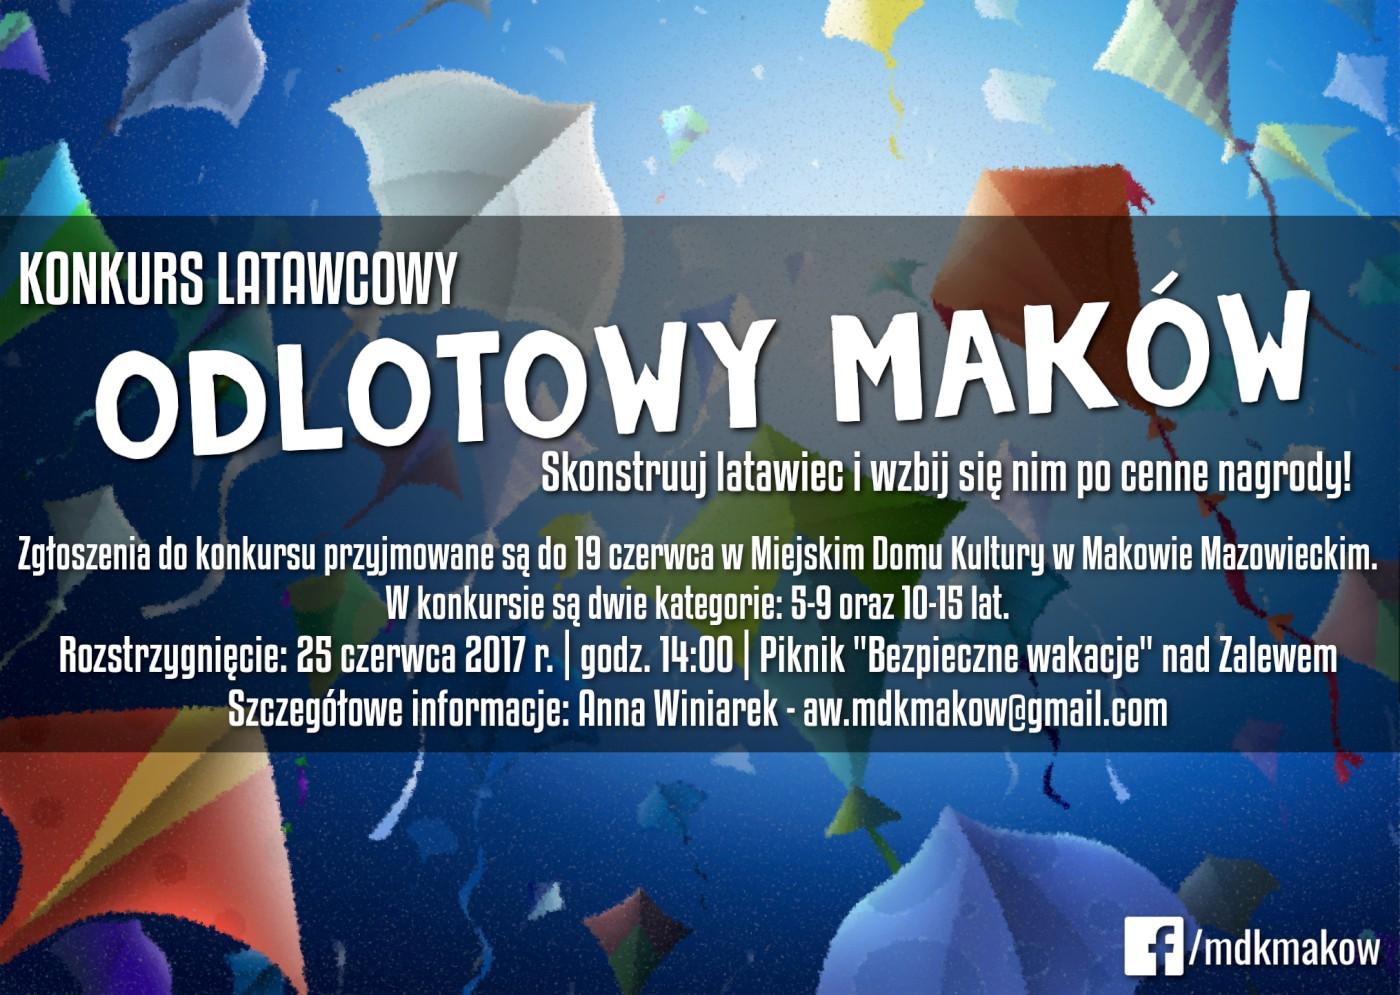 Plakat konkursu latawcowego Odlotowy Maków.